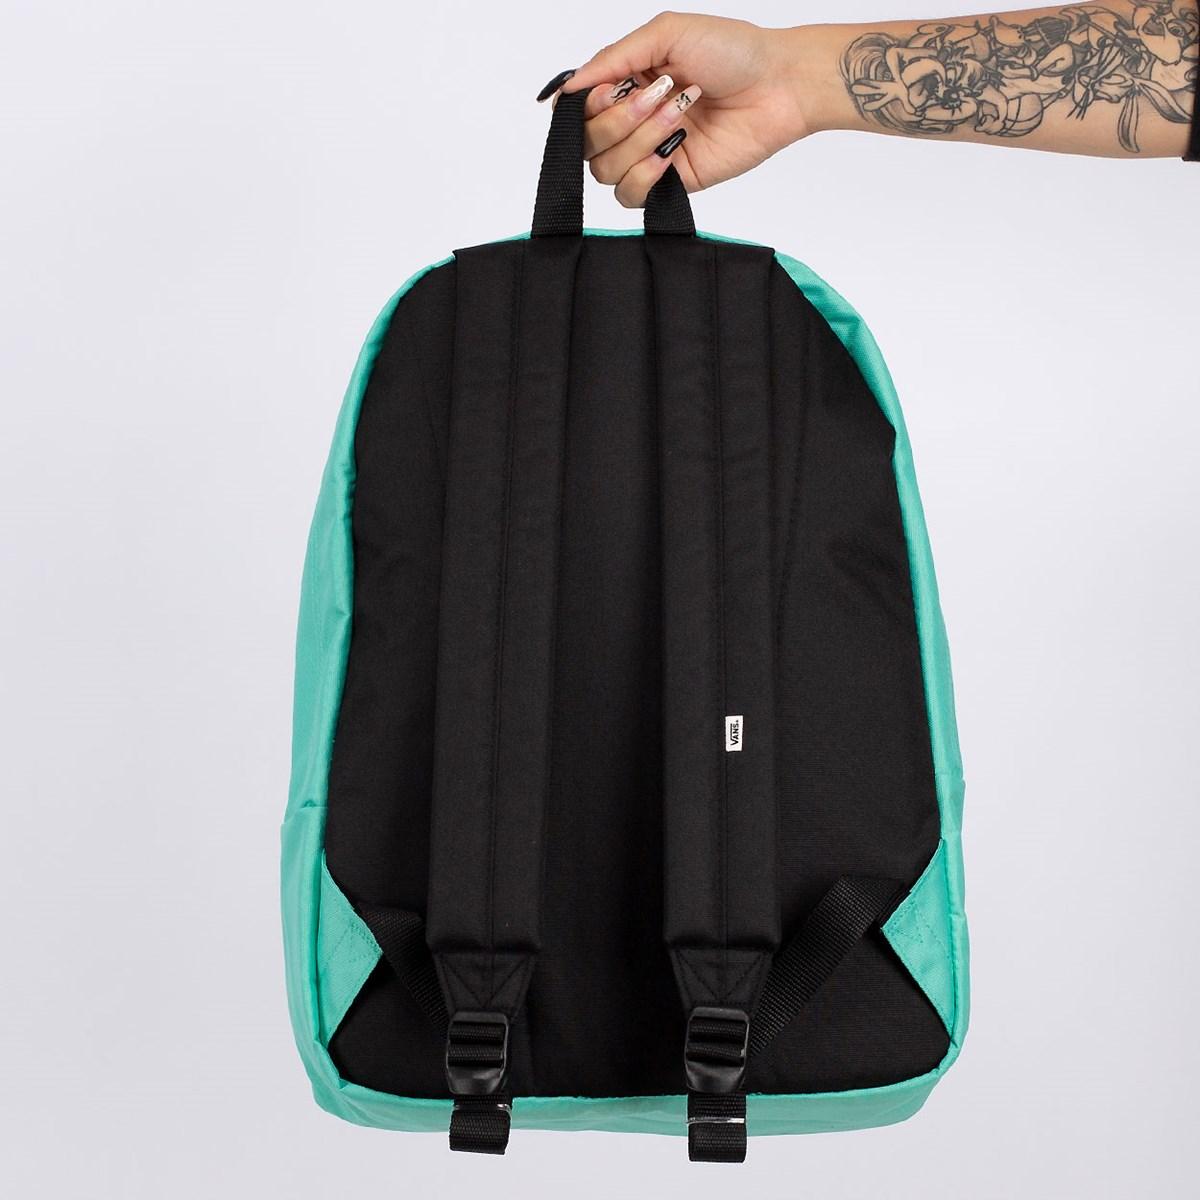 Mochila Vans Realm Backpack Waterfall Green  VN0A3UI6Z6R